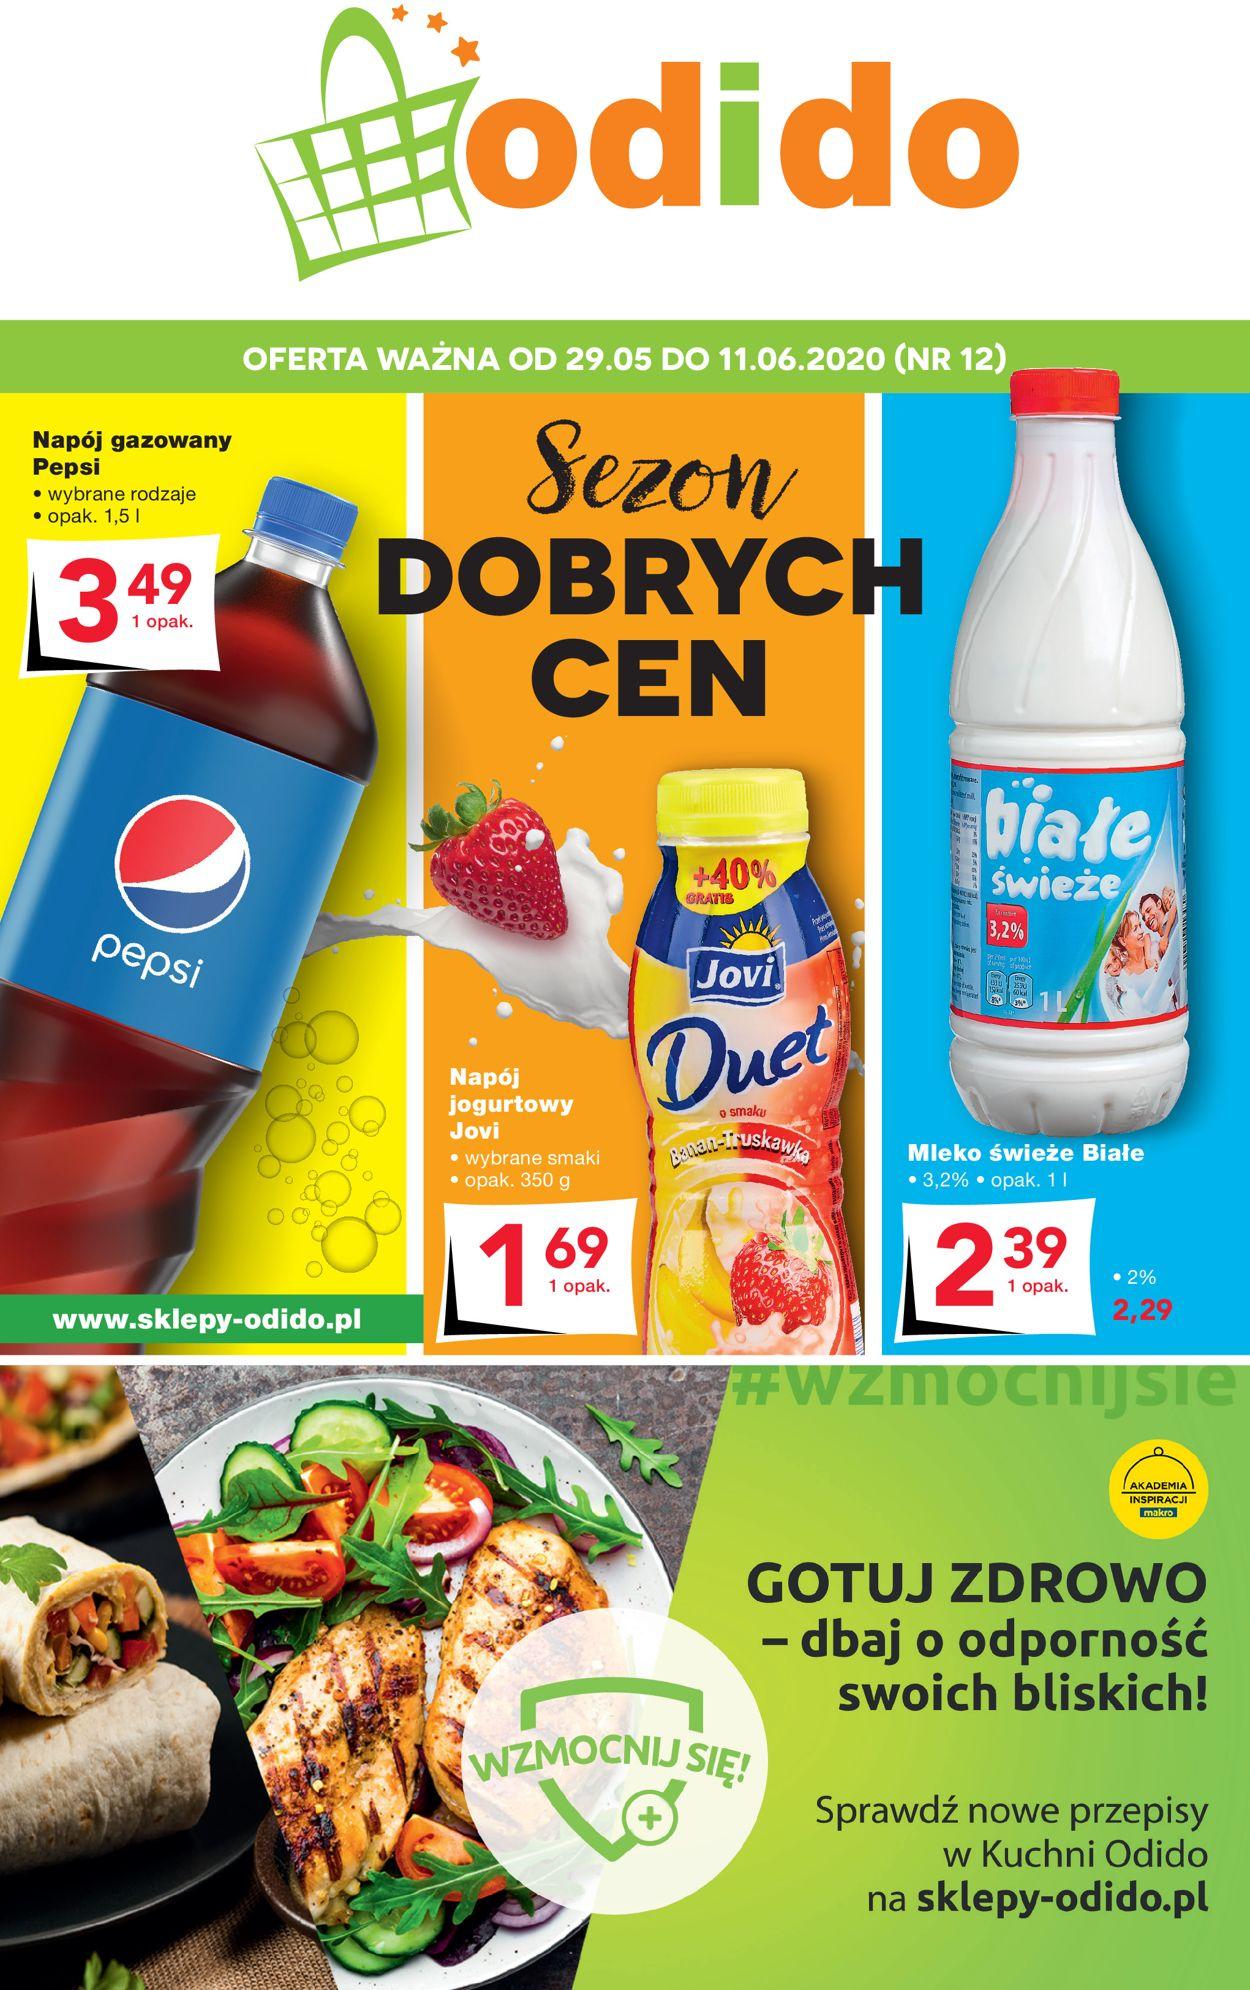 Gazetka promocyjna Odido - 29.05-11.06.2020